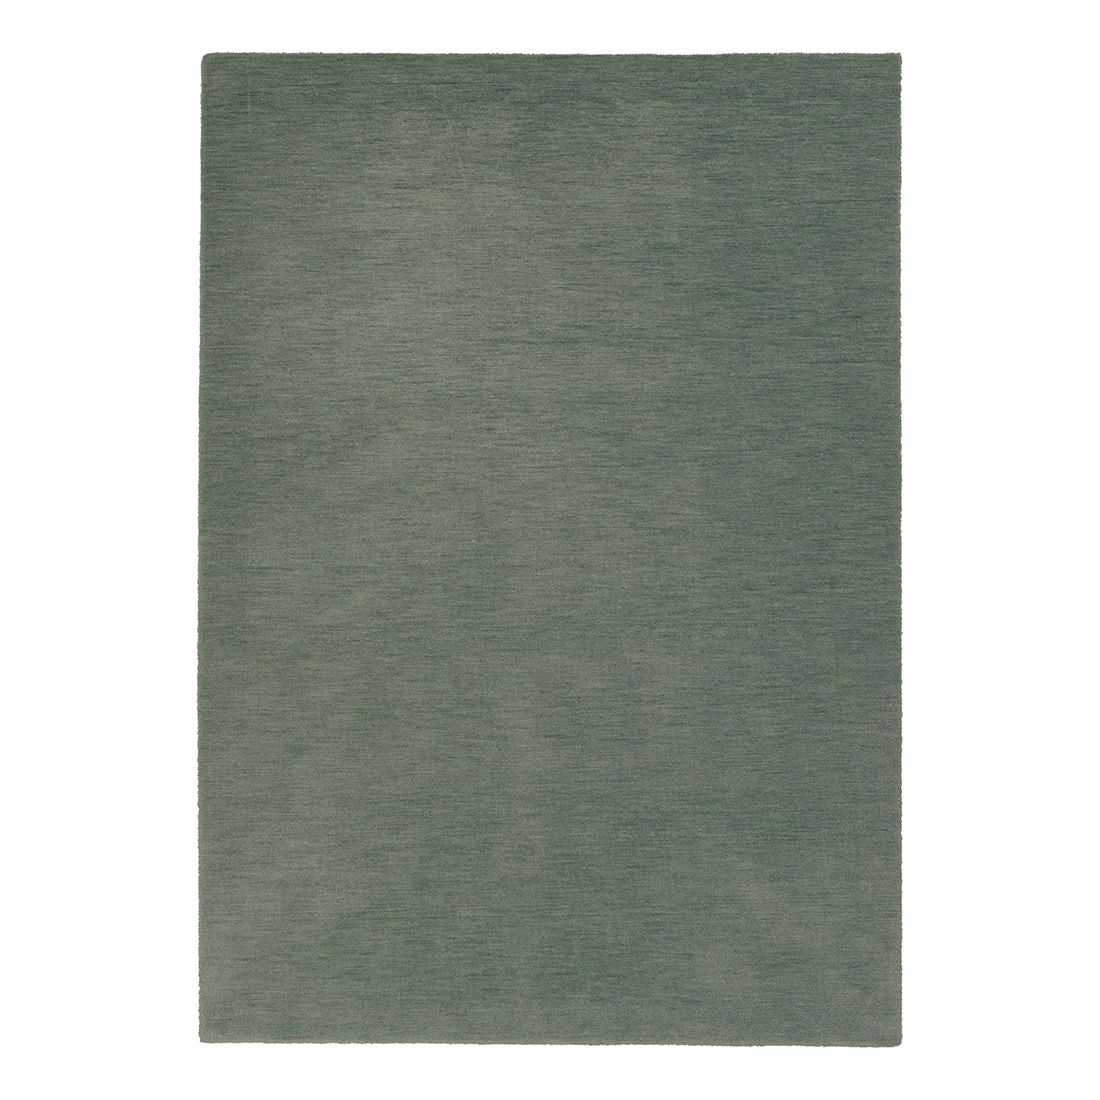 Teppich Shivaz – Graublau – 70 x 140 cm, Schöner Wohnen Kollektion online bestellen